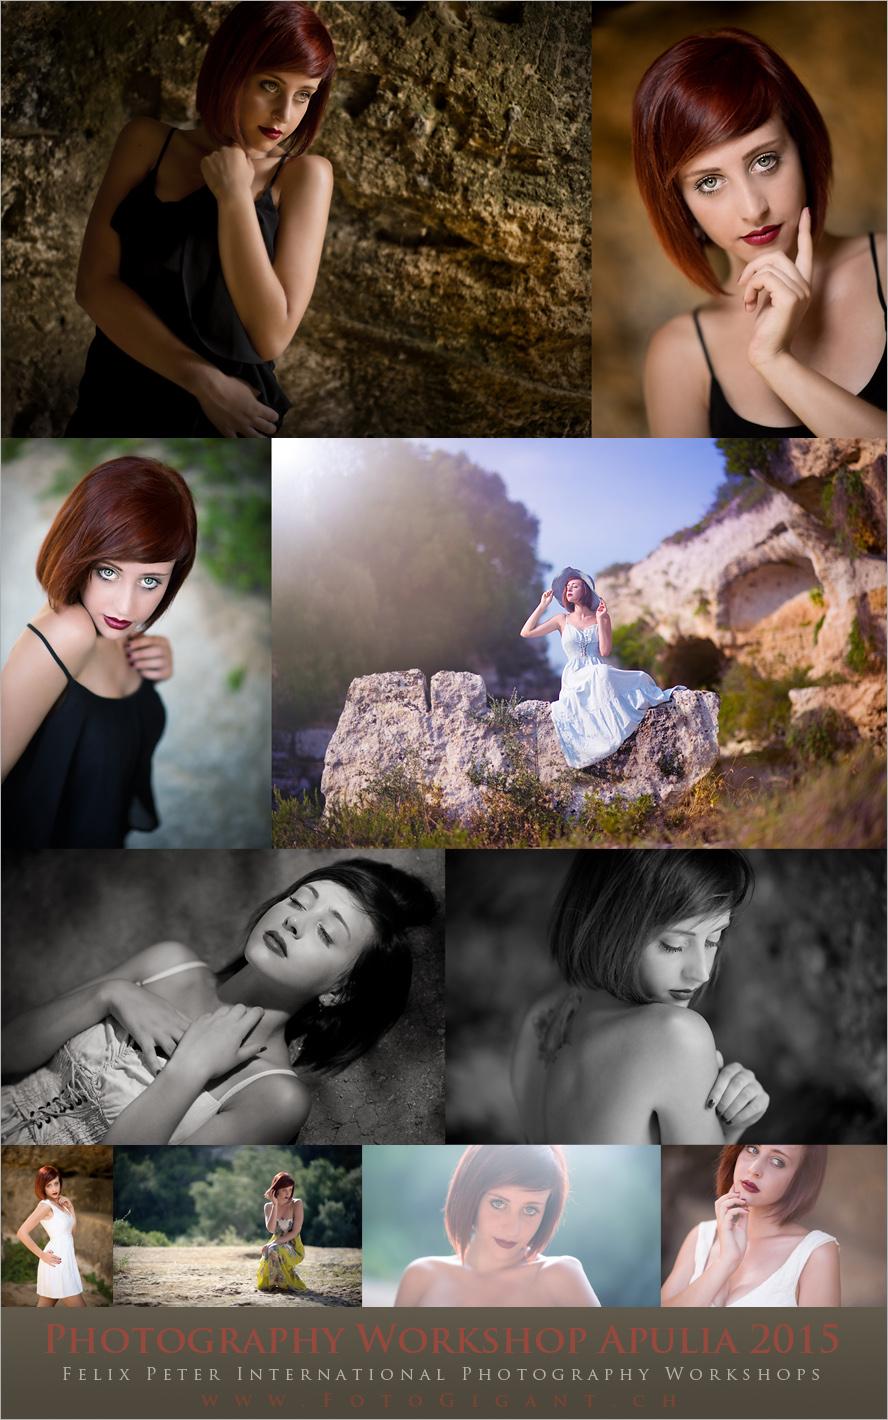 Felix_Peter_APULIA_Foto-Workshop8.jpg